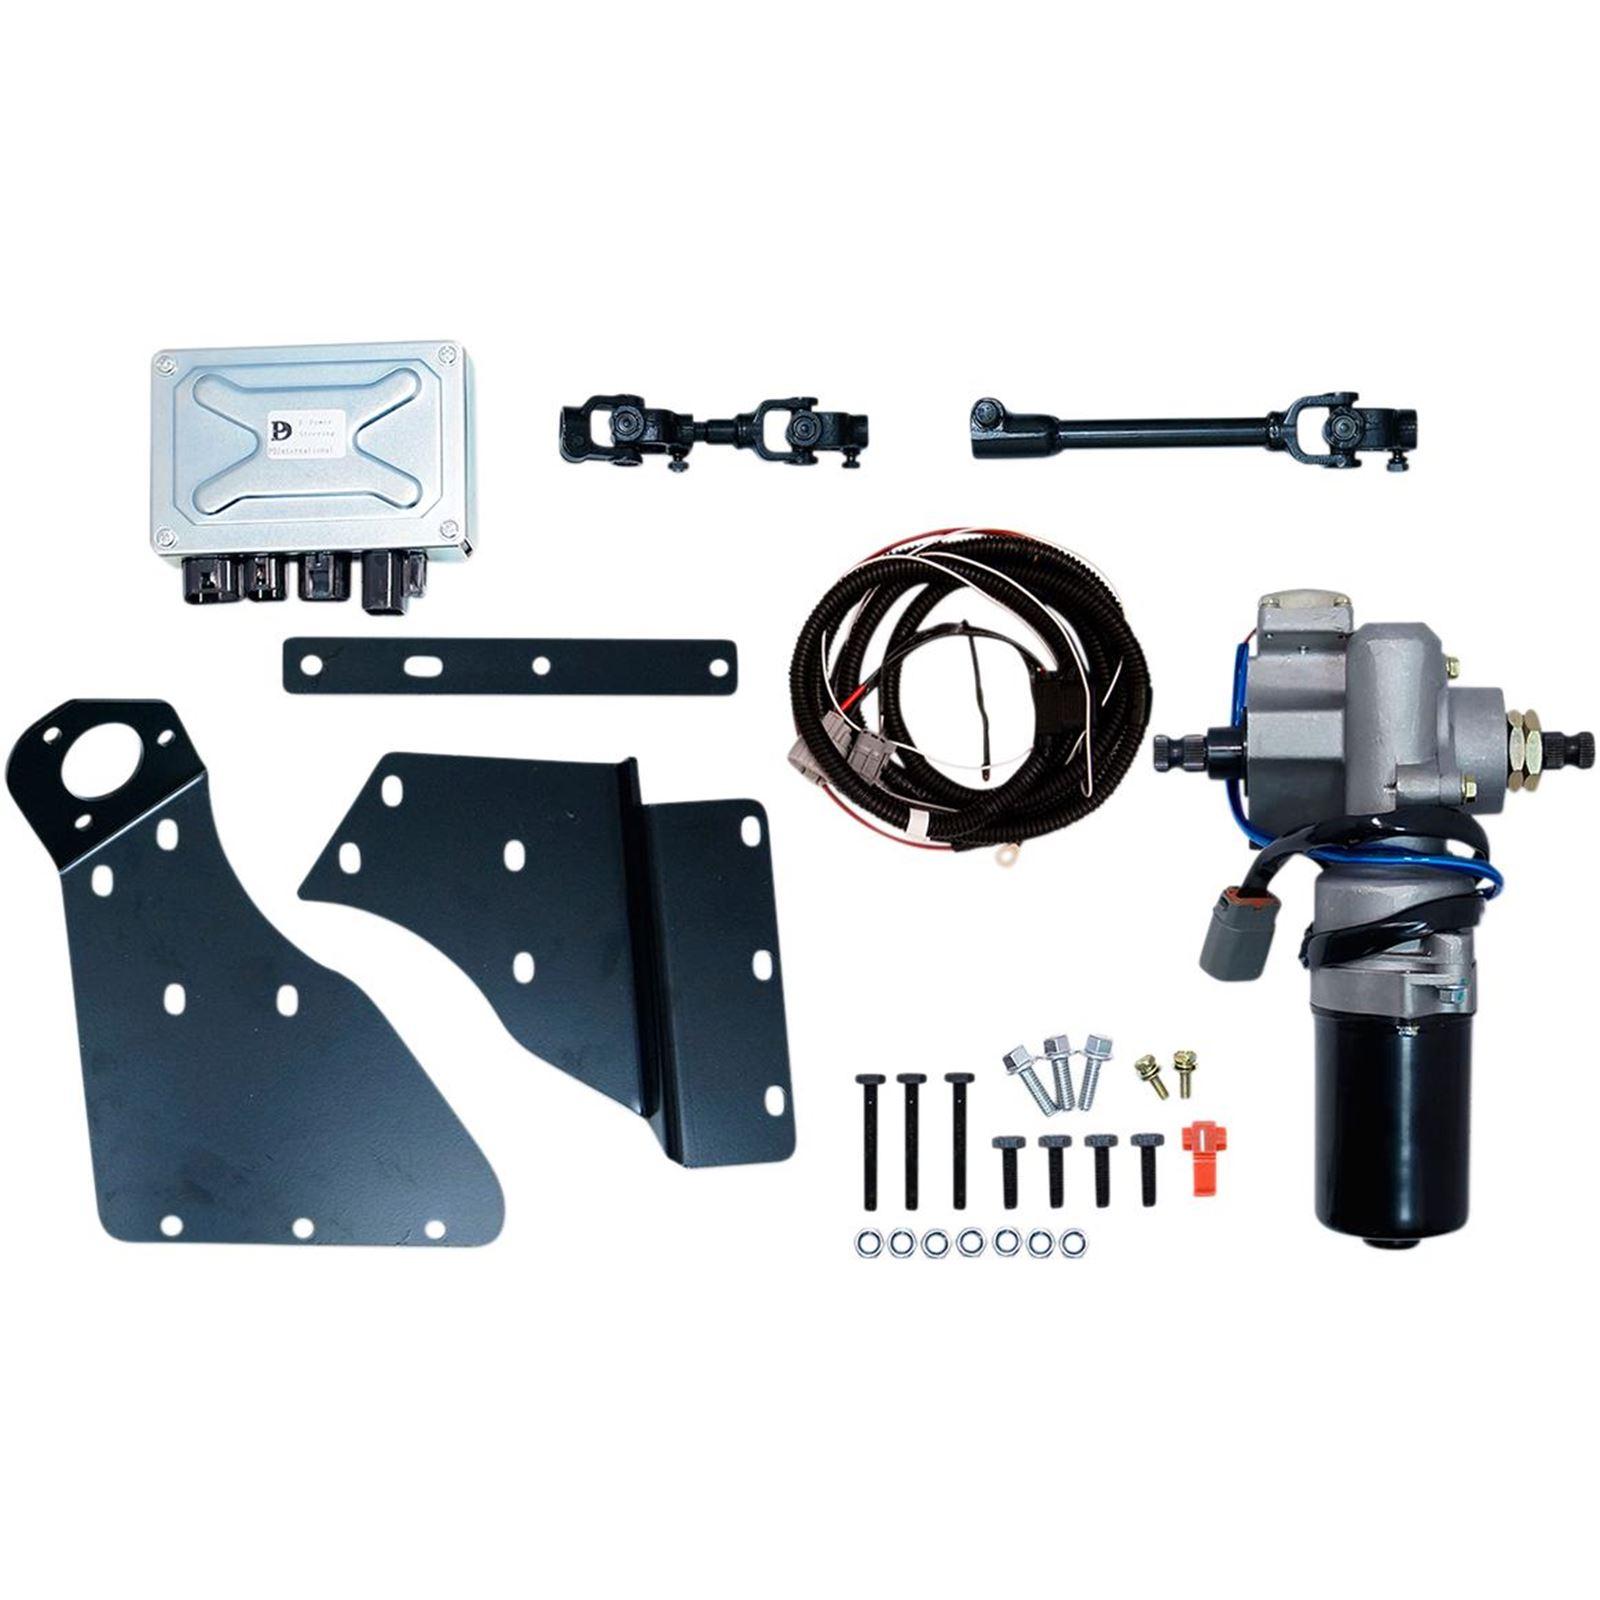 Moose Electric Power Steering Kit